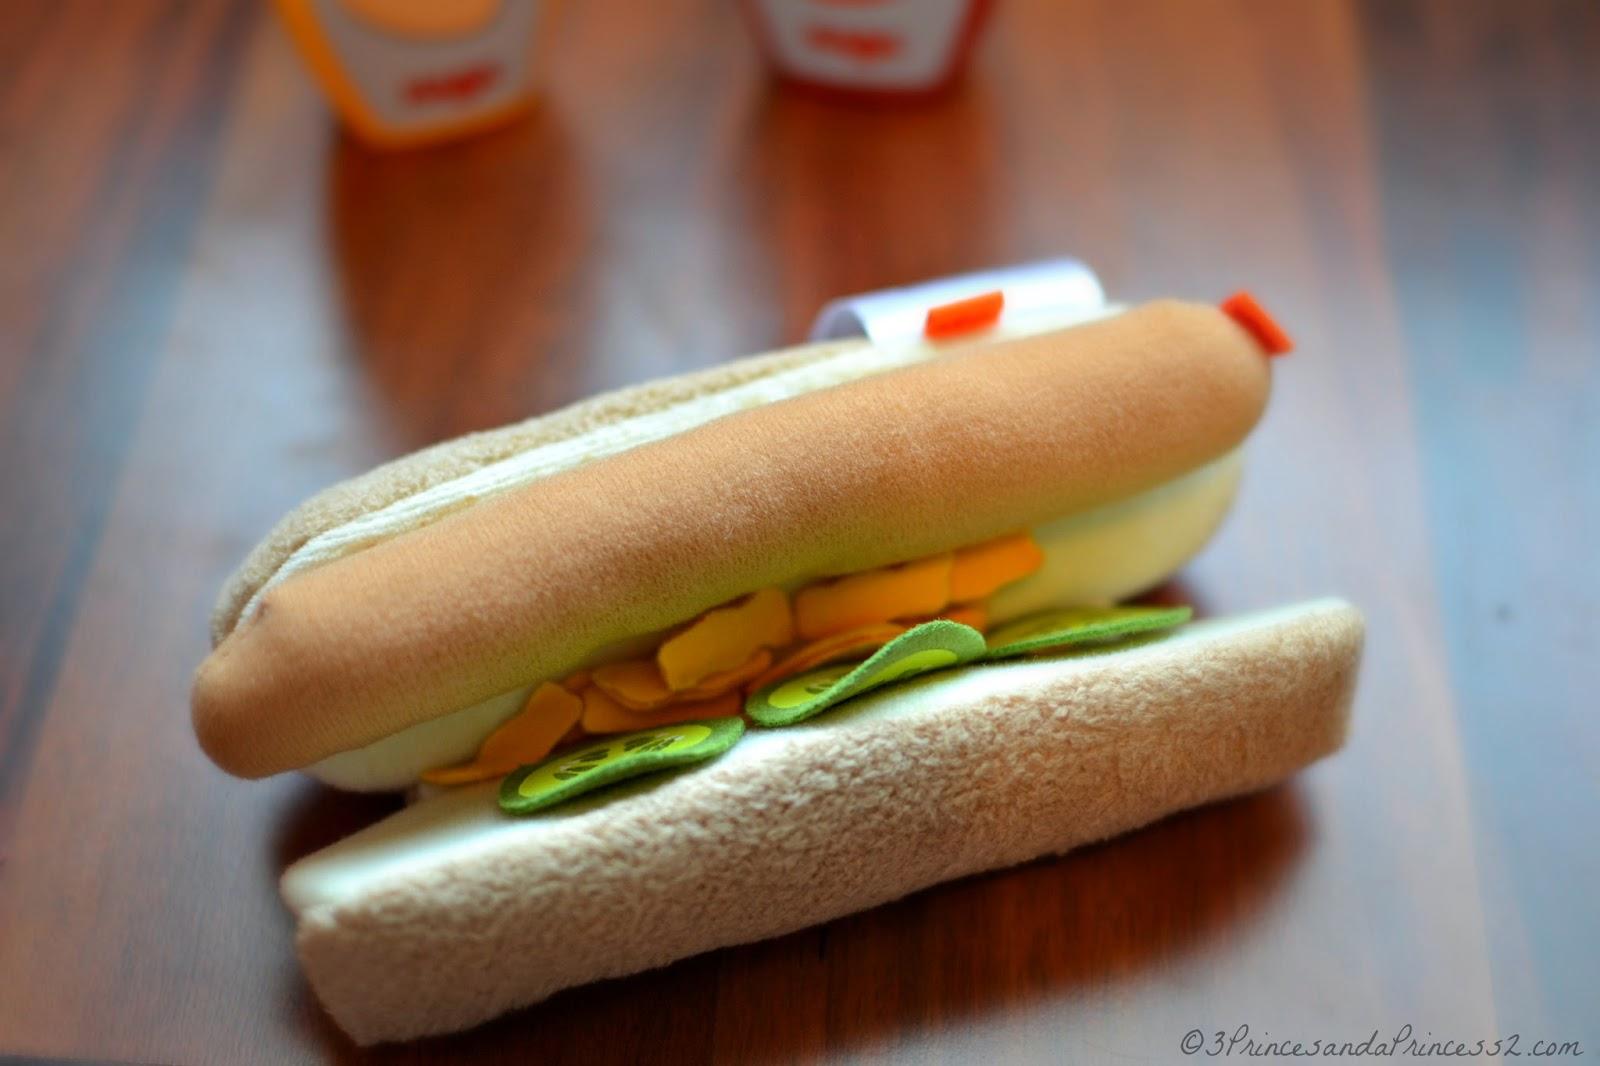 Haba Plush hot dog